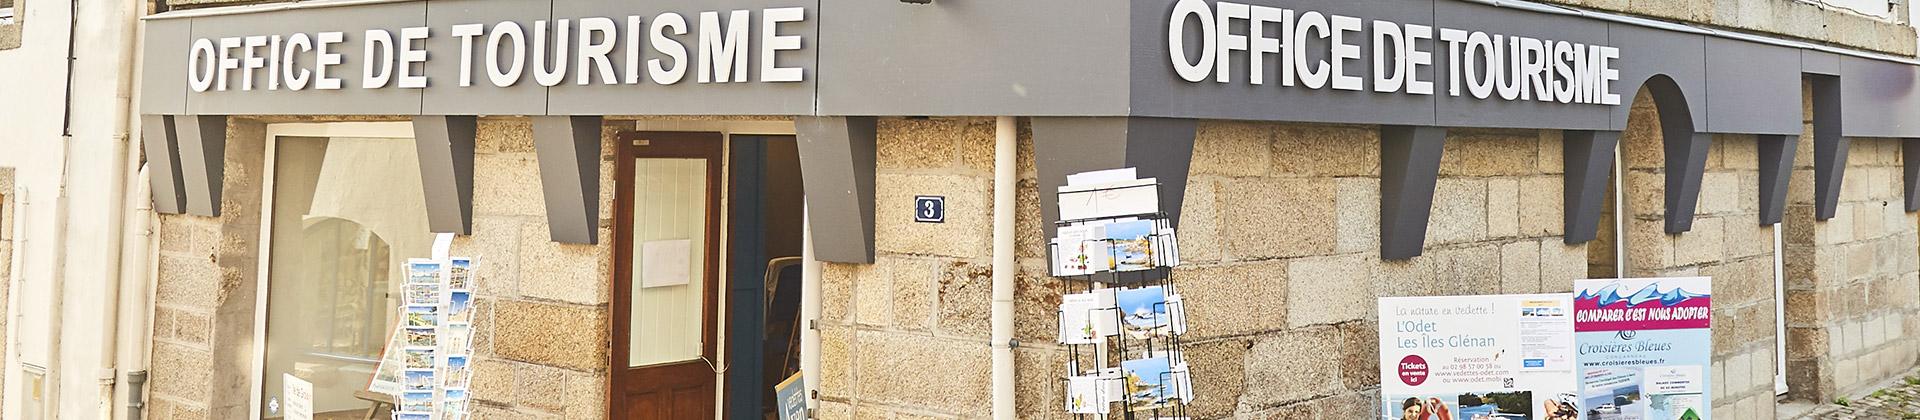 Le bureau d'information touristique de Pont-Aven